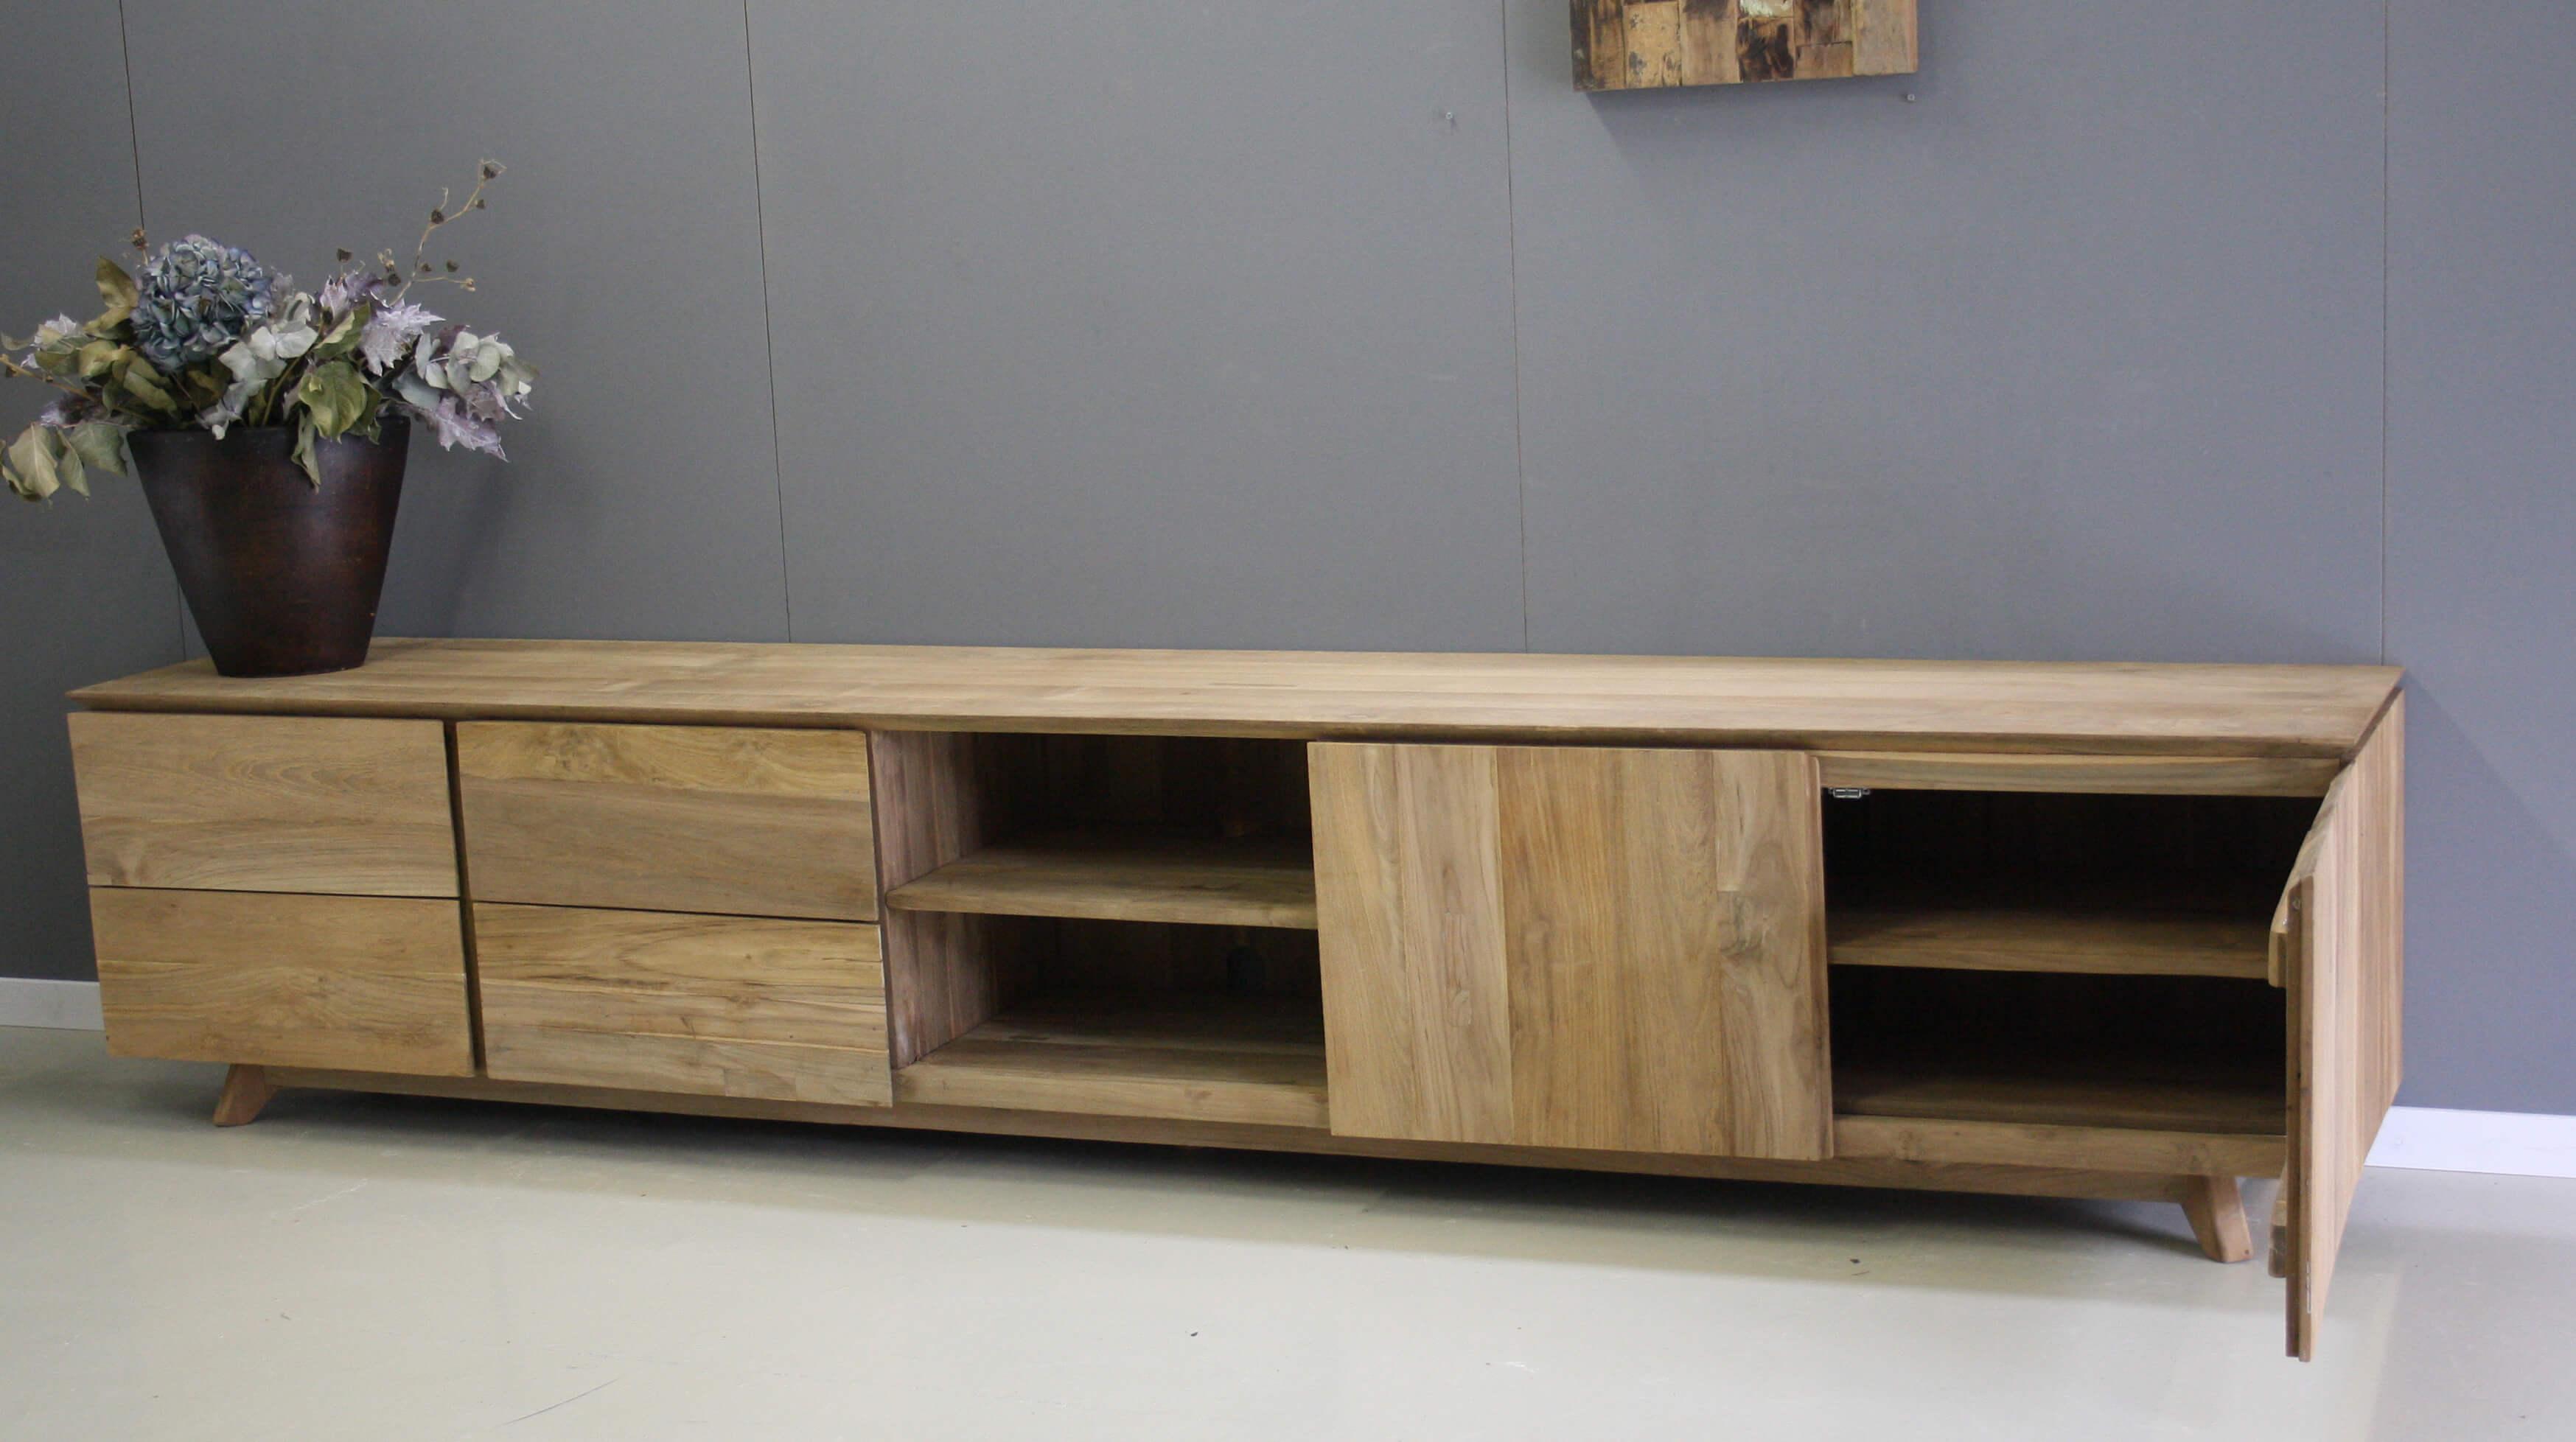 Tv Meubel Teakhout : Tv meubels indoteak